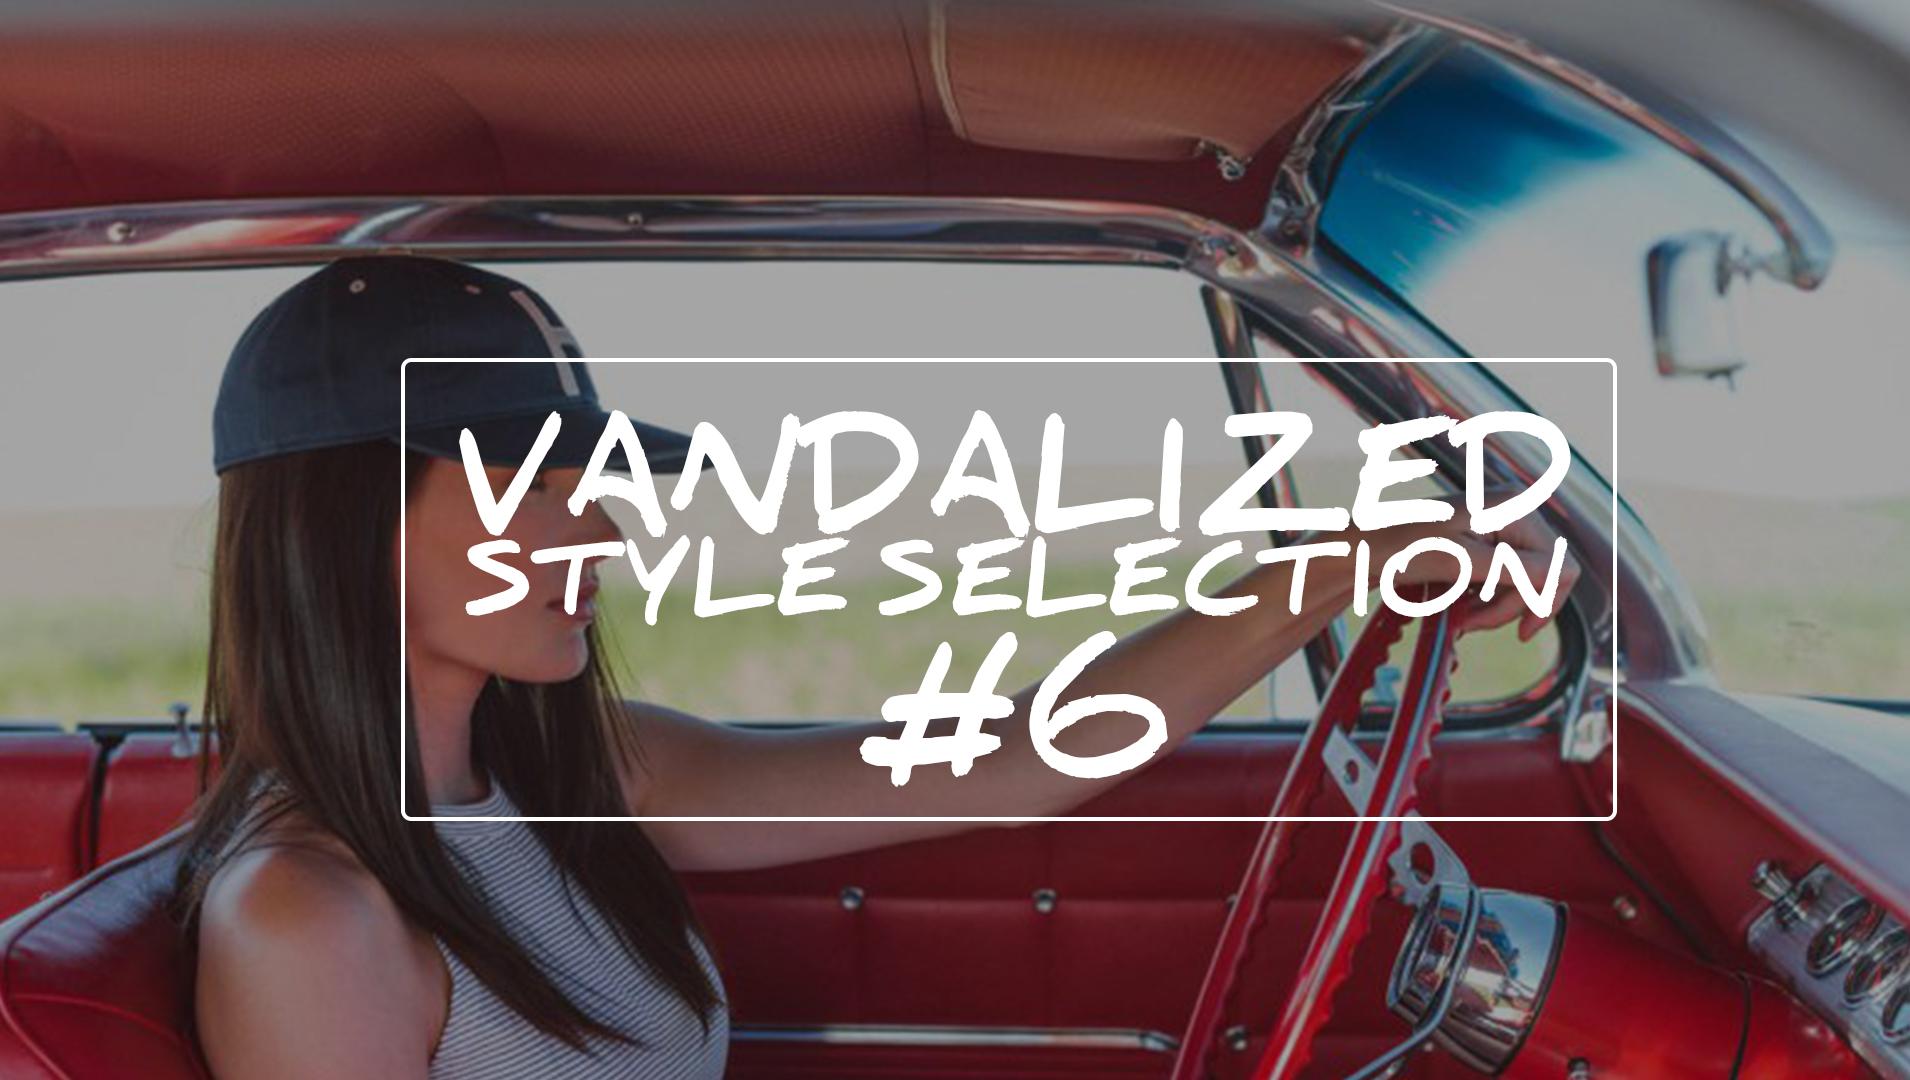 VANDALIZED STYLE SELECTION 6